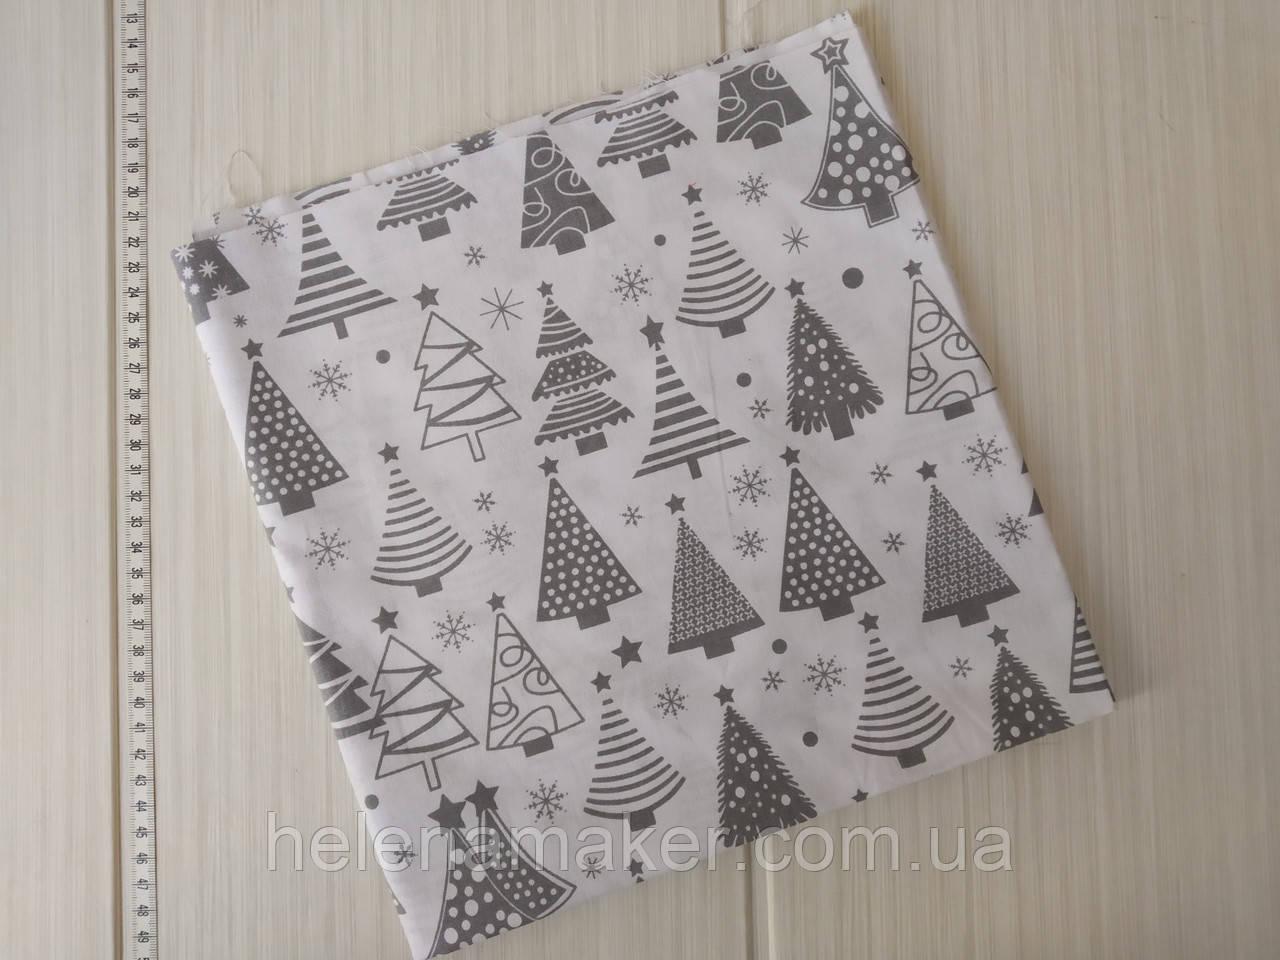 Отрез новогодней ткани Серые елочки на белом фоне 50*50 см